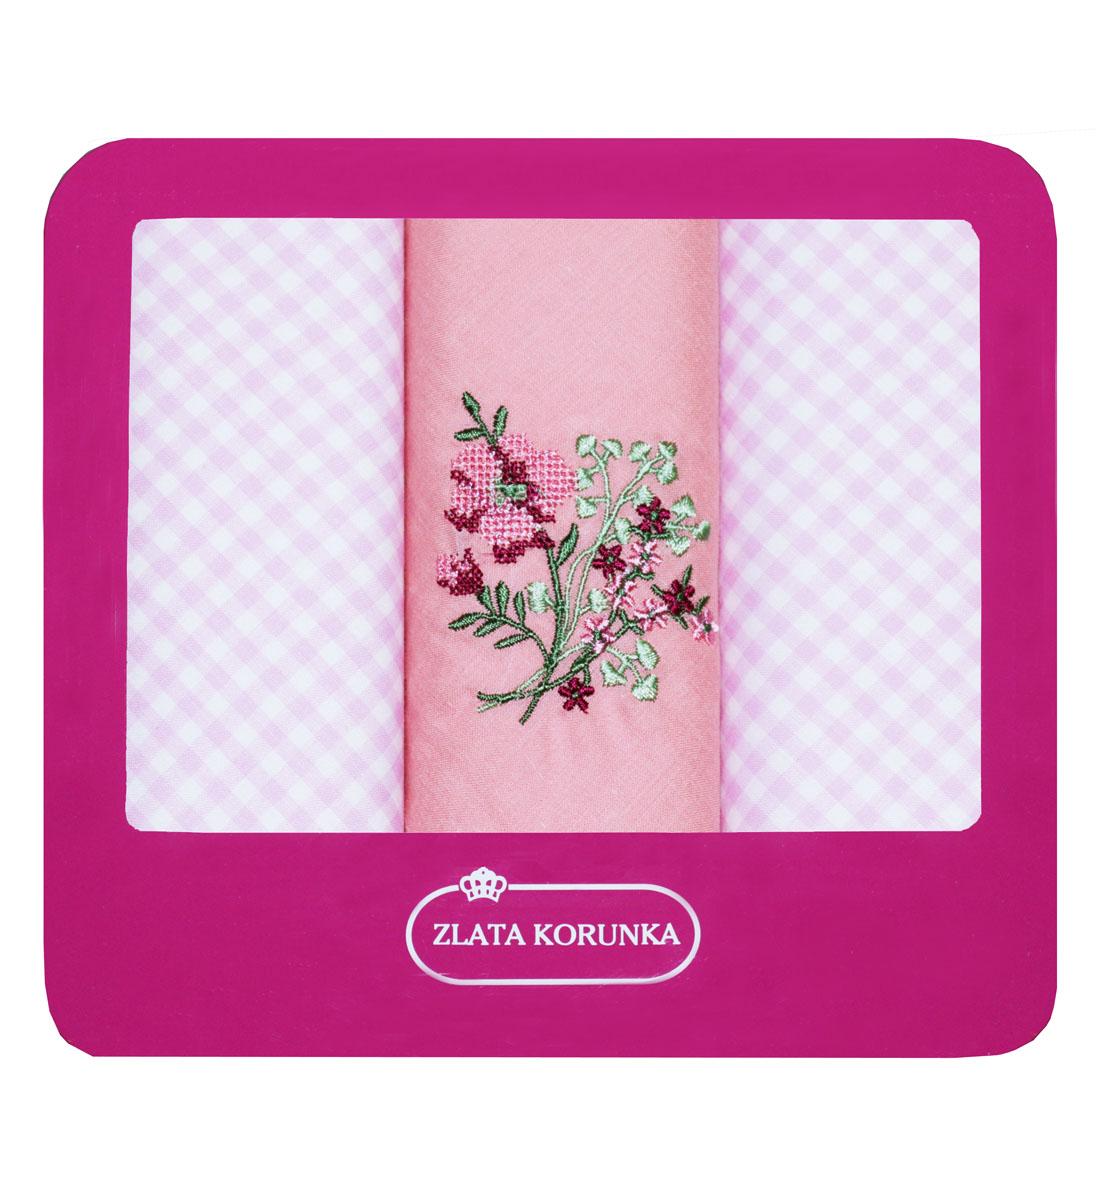 Платок носовой женский Zlata Korunka, цвет: розовый, 3 шт. 90330-13. Размер 29 см х 29 см39864|Серьги с подвескамиНебольшой женский носовой платок Zlata Korunka изготовлен из высококачественного натурального хлопка, благодаря чему приятен в использовании, хорошо стирается, не садится и отлично впитывает влагу. Практичный и изящный носовой платок будет незаменим в повседневной жизни любого современного человека. Такой платок послужит стильным аксессуаром и подчеркнет ваше превосходное чувство вкуса.В комплекте 3 платка.